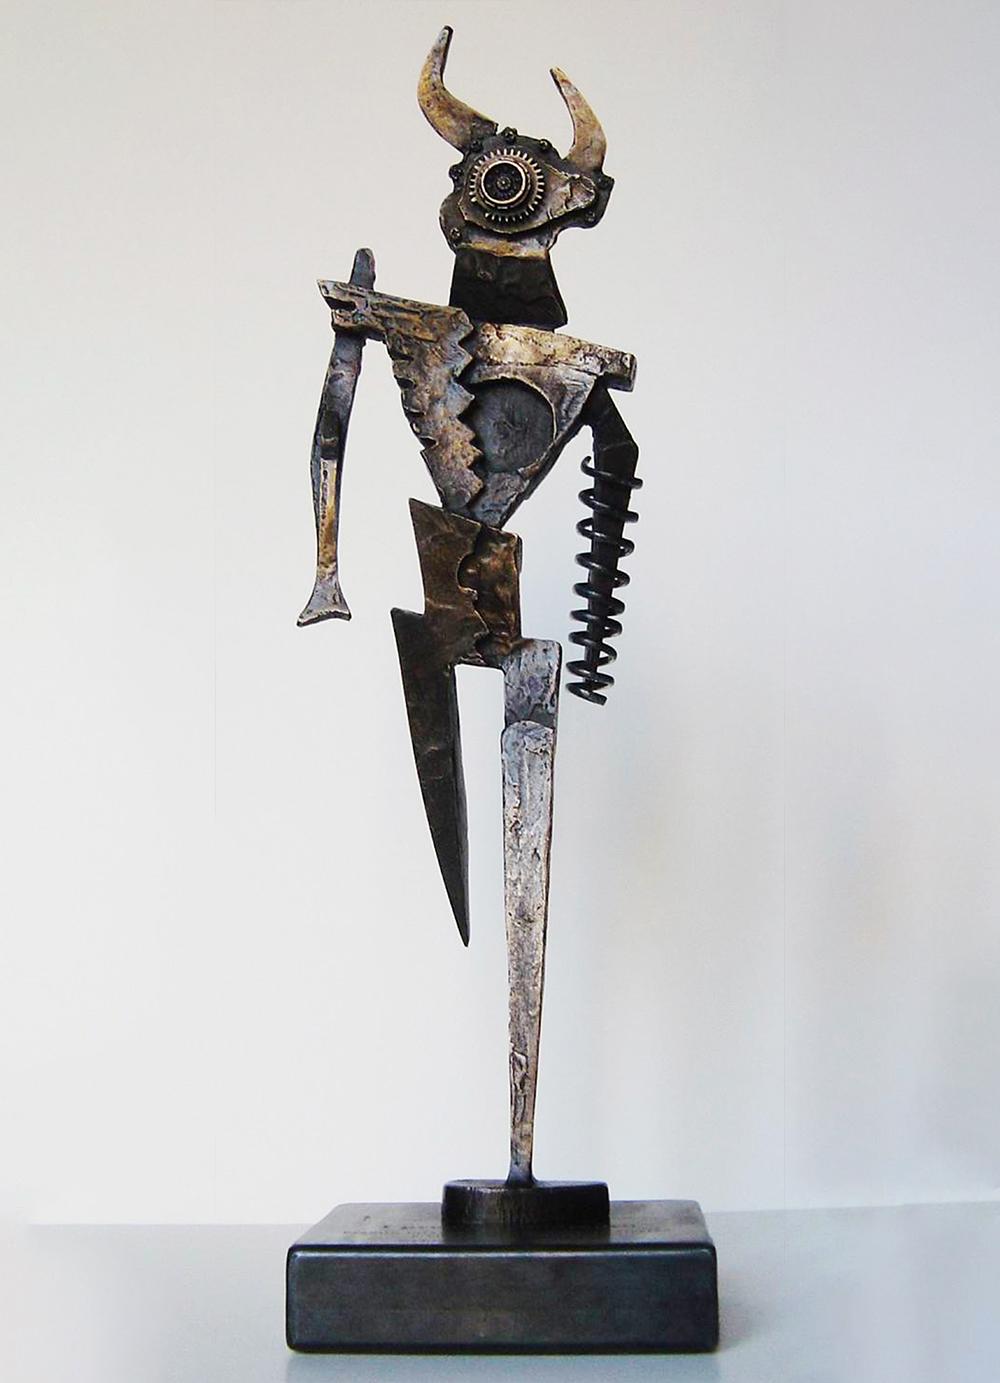 Escultura-Minotauro-A-Encargos-RD.Escultor